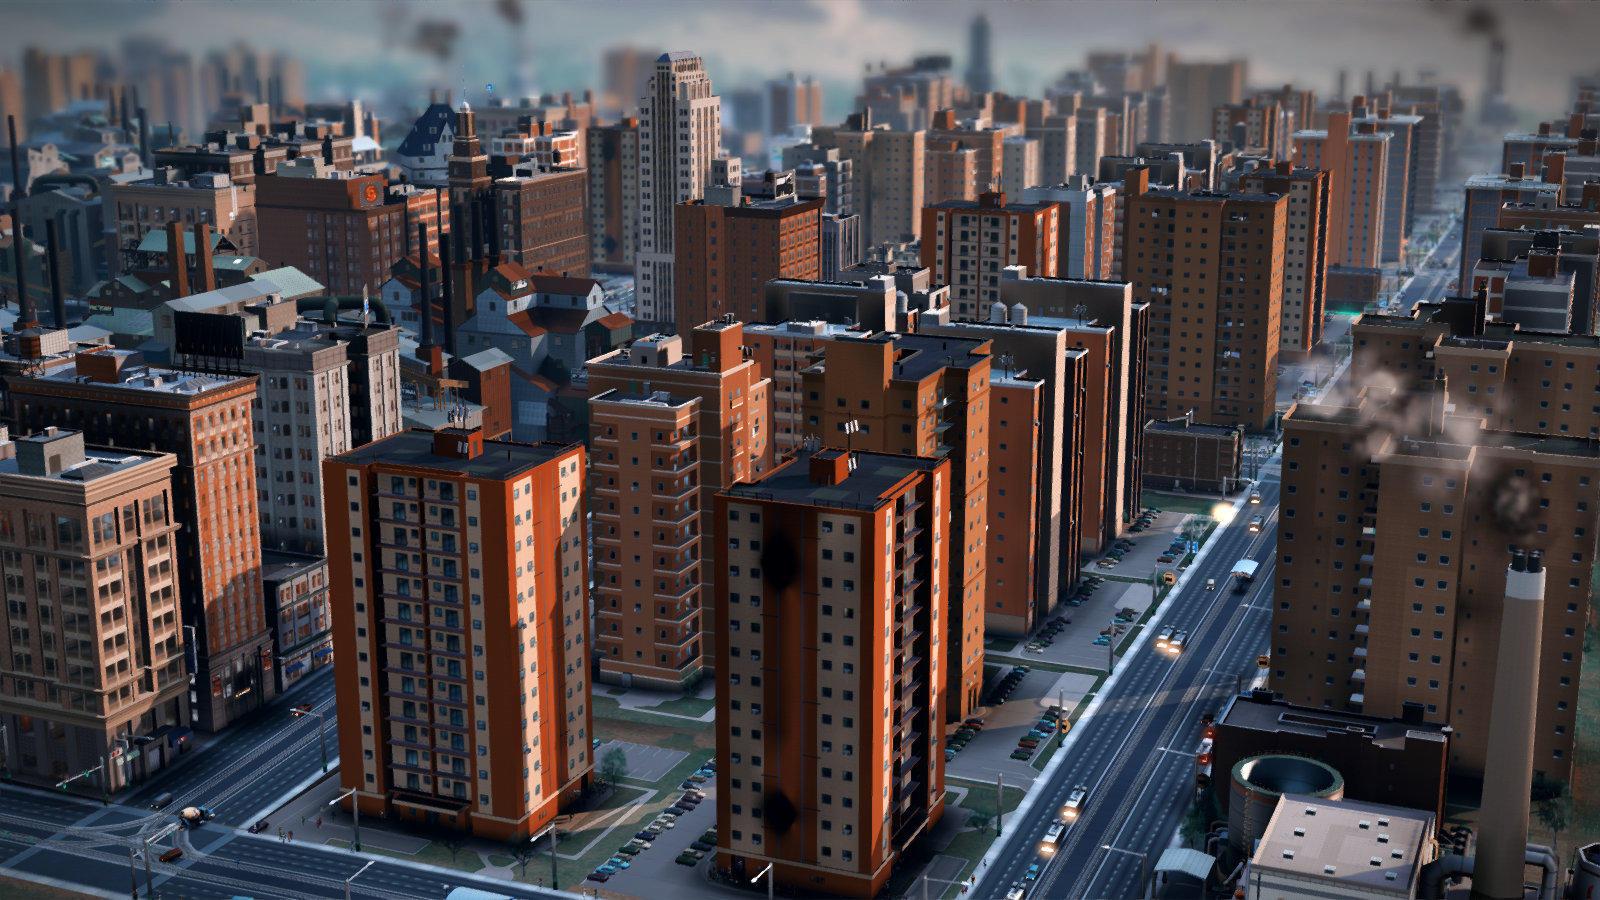 [Imagen]Imágenes de ciudades de Simcity BAXcPSRCcAAiyxr